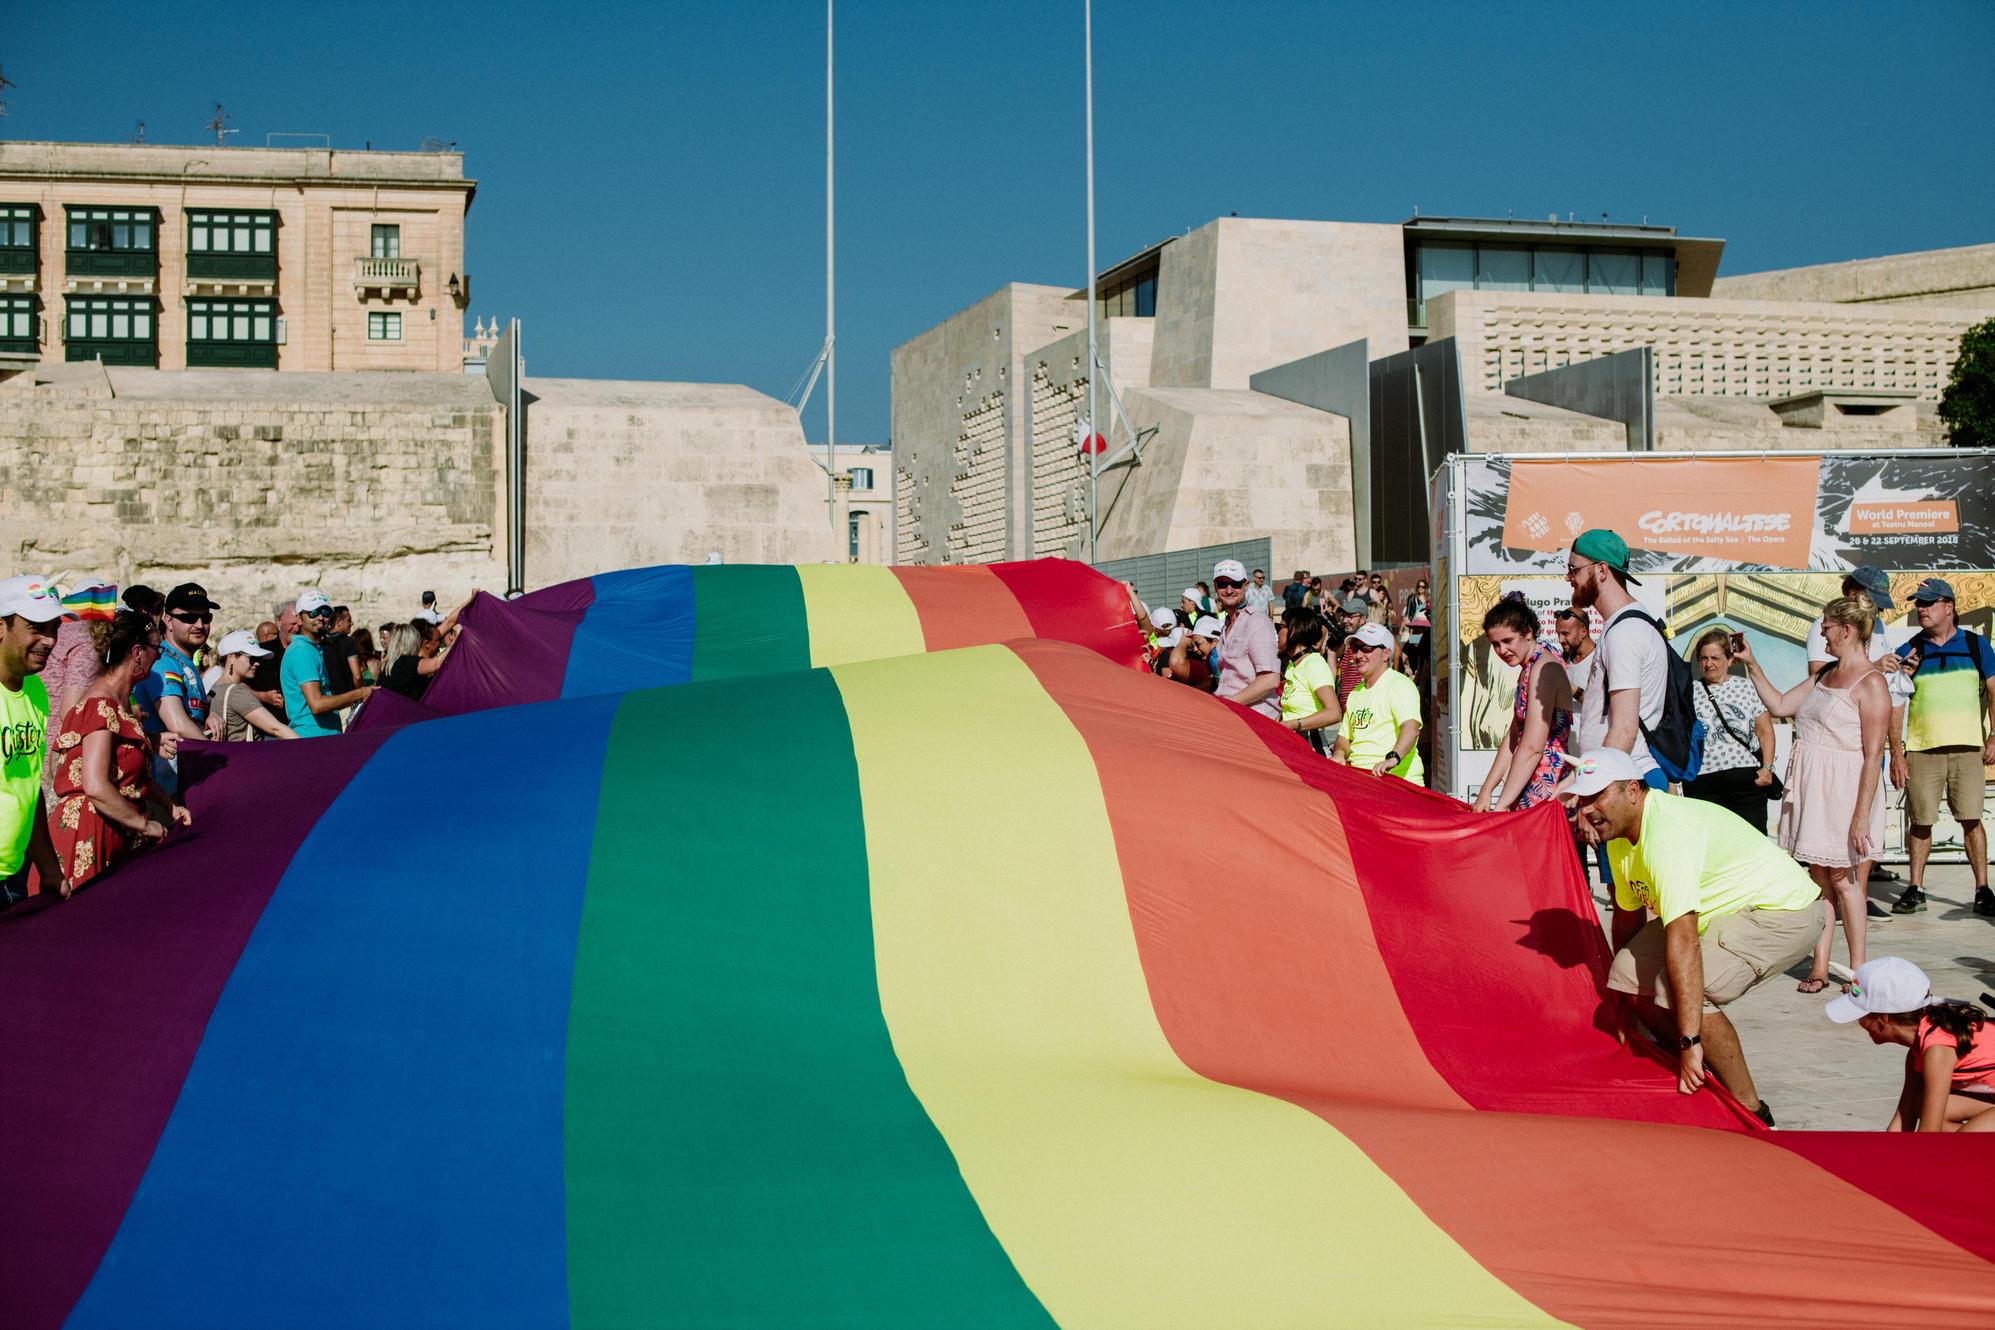 Malta Dördüncü Kez Avrupa'nın En LGBT Dostu Ülkesi Oldu!